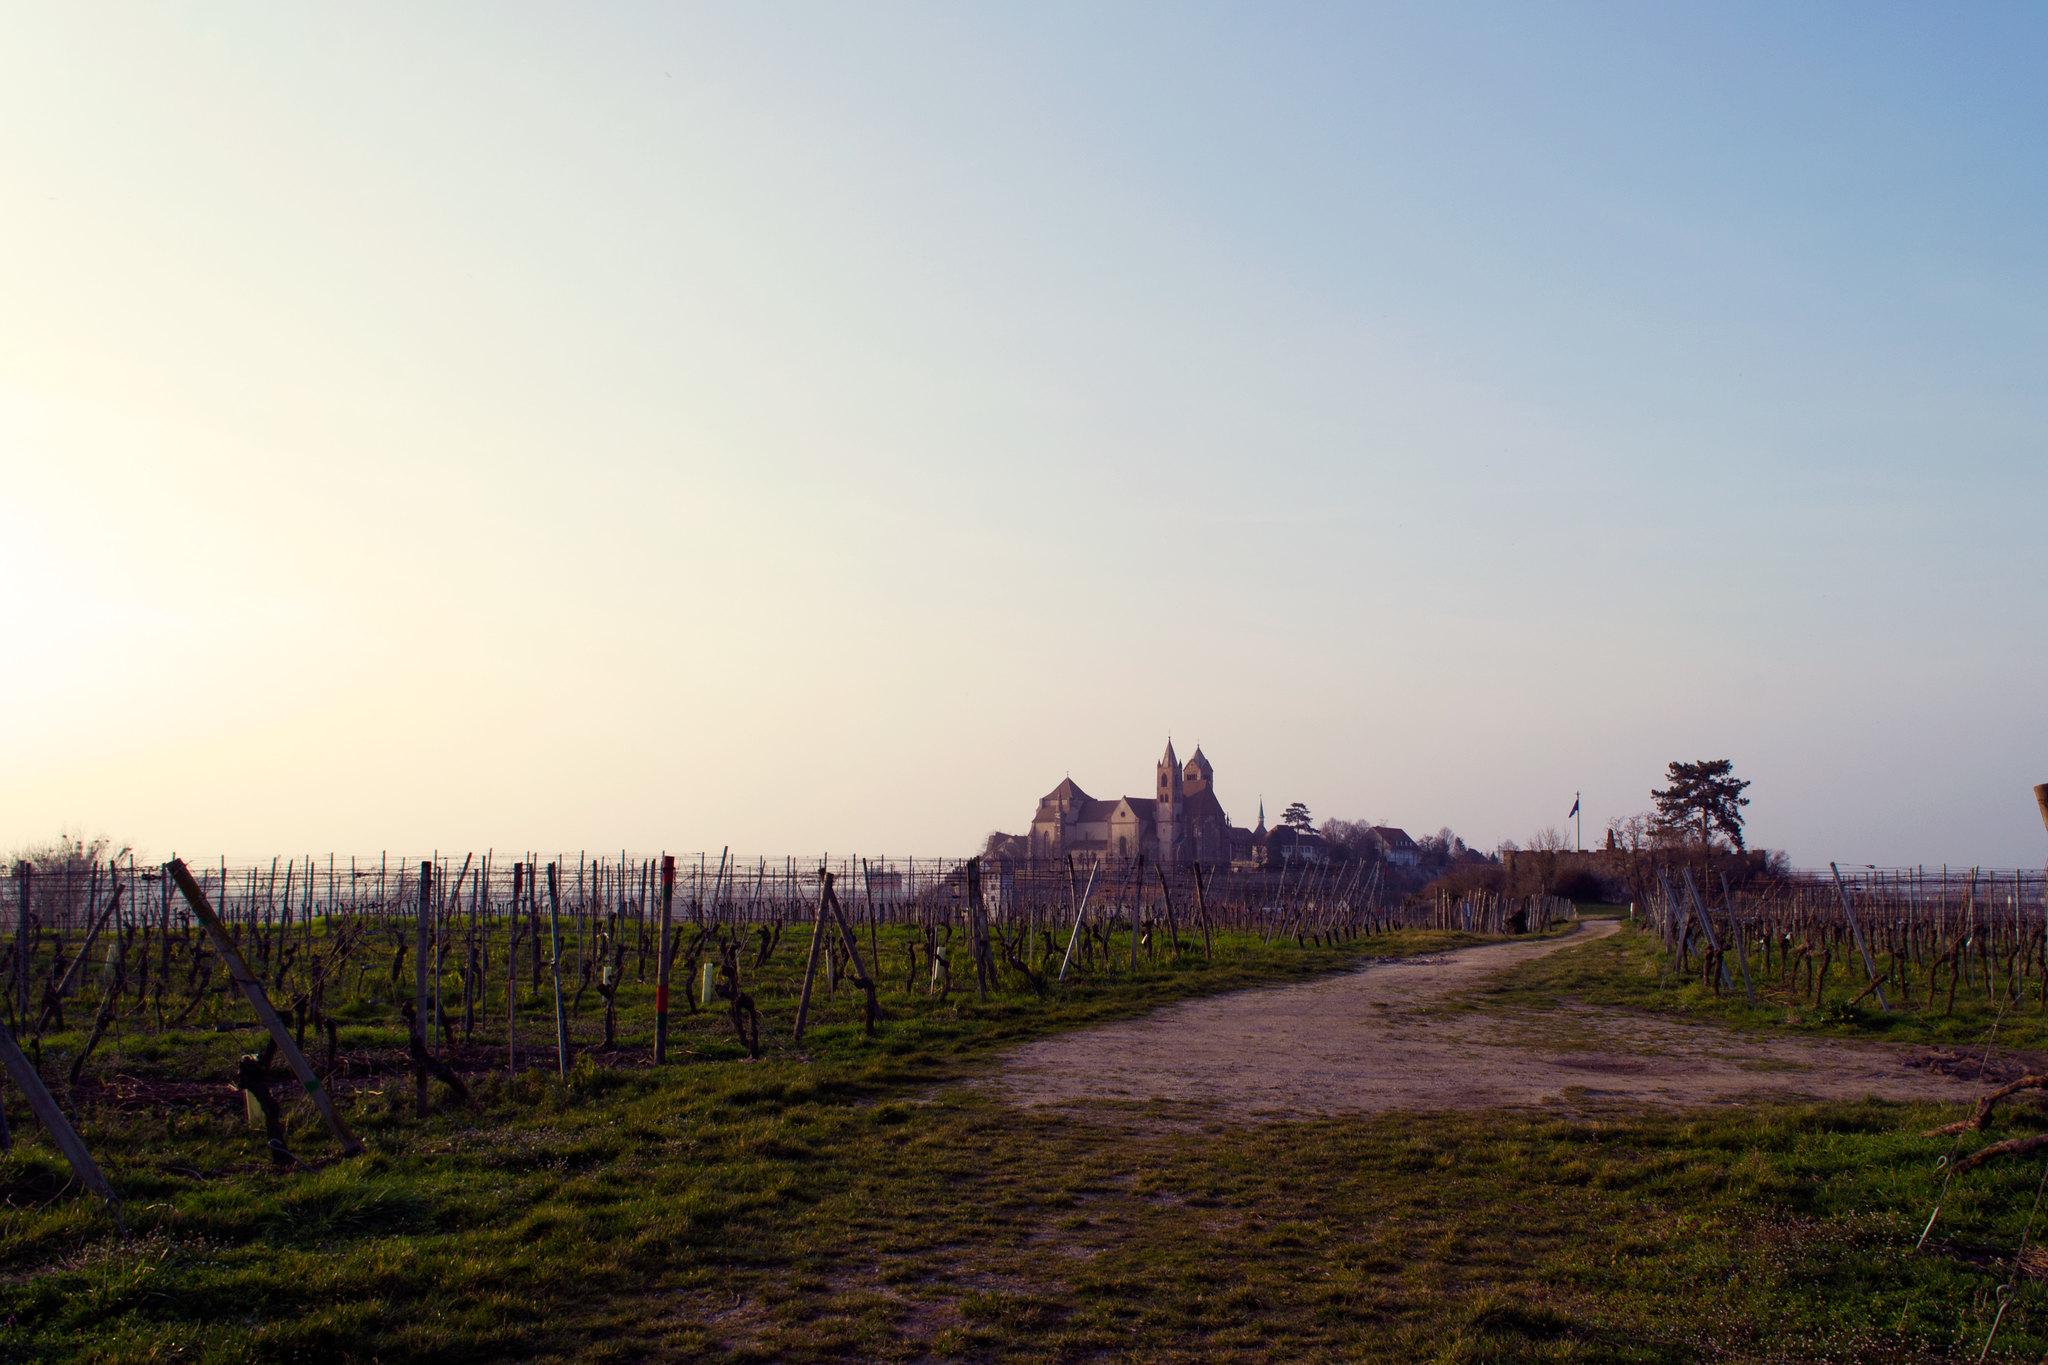 Vom Eckartsberg ist selbst das Stephansmünster fern. Bildbeschreibung: Es ist früher Frühling auf einem Hügel, die Sonne ist nicht zu sehen, scheint aber von links auf die Szenerie. In der rechten Bildhälfte geht ein Weg in die Ferne, links und rechts von ihm stehen noch keine Weinstöcke auf einem dünnen, leicht grünen Boden. Im Hintergrund ragt auf einem Berg eine romanische Kathedrale, das Stephansmünster zu Breisach auf.